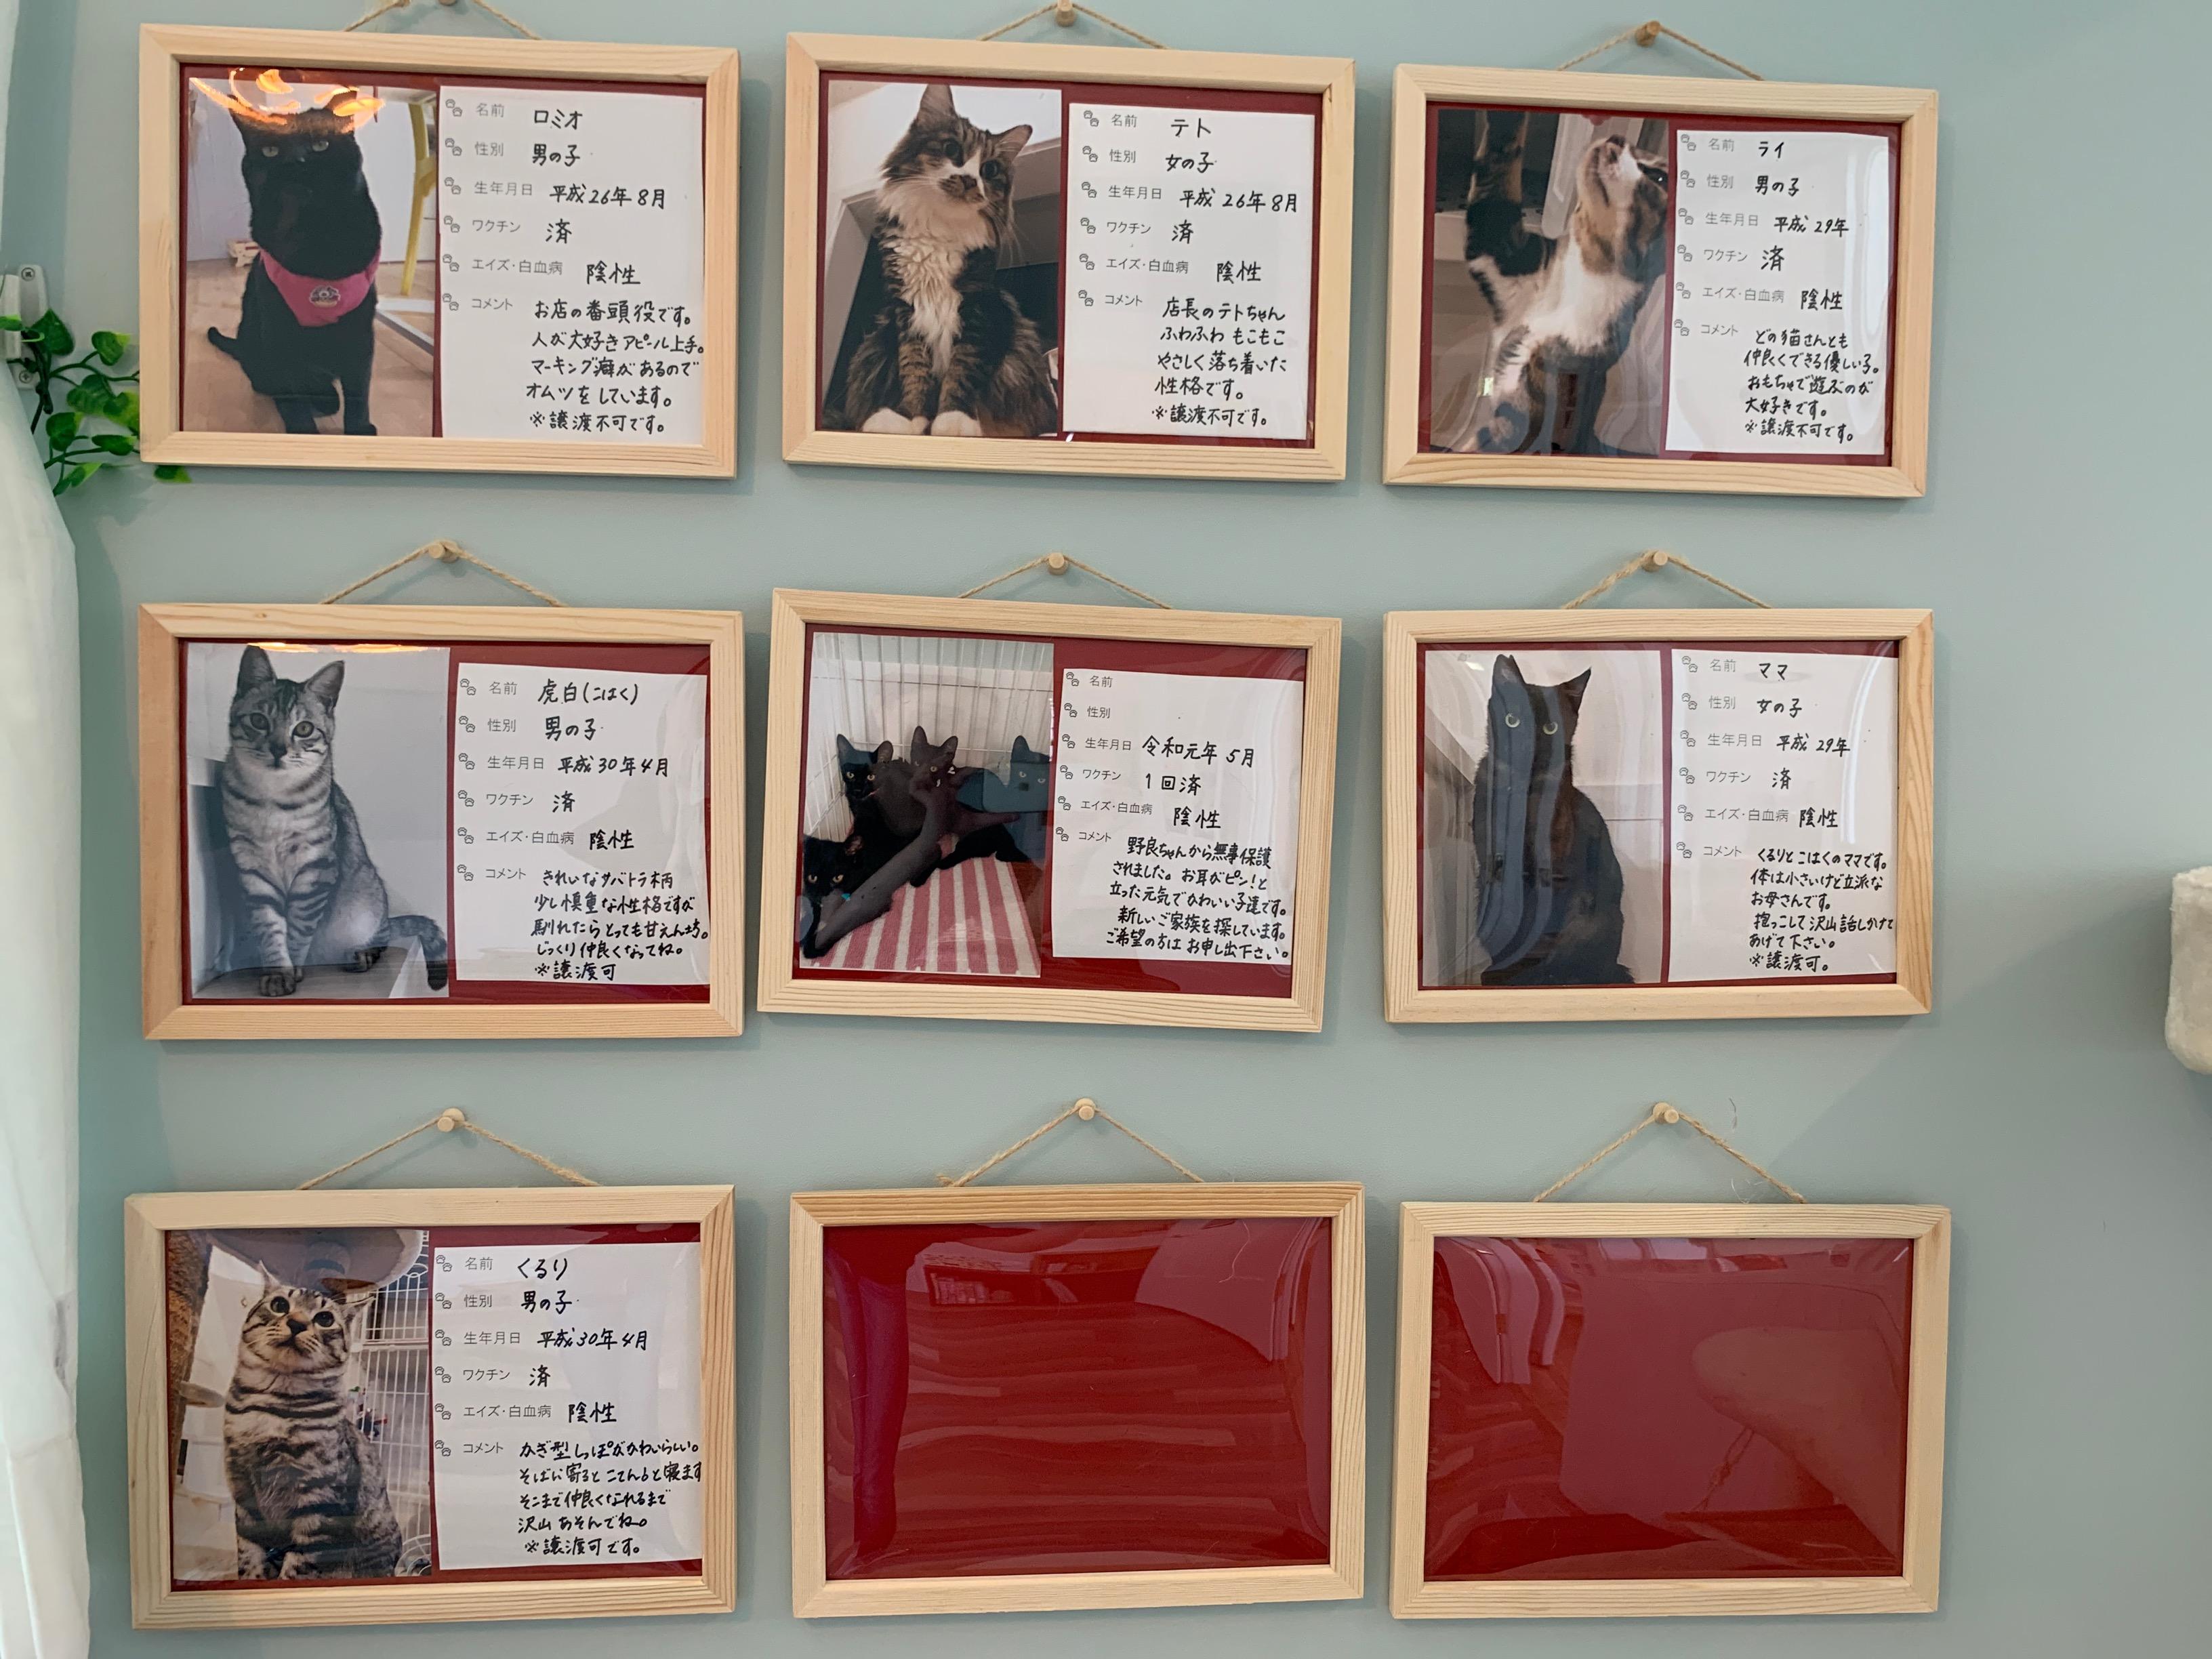 かわいい猫に癒されながら社会貢献できるカフェ「保護猫カフェAelu」 - IMG 2762